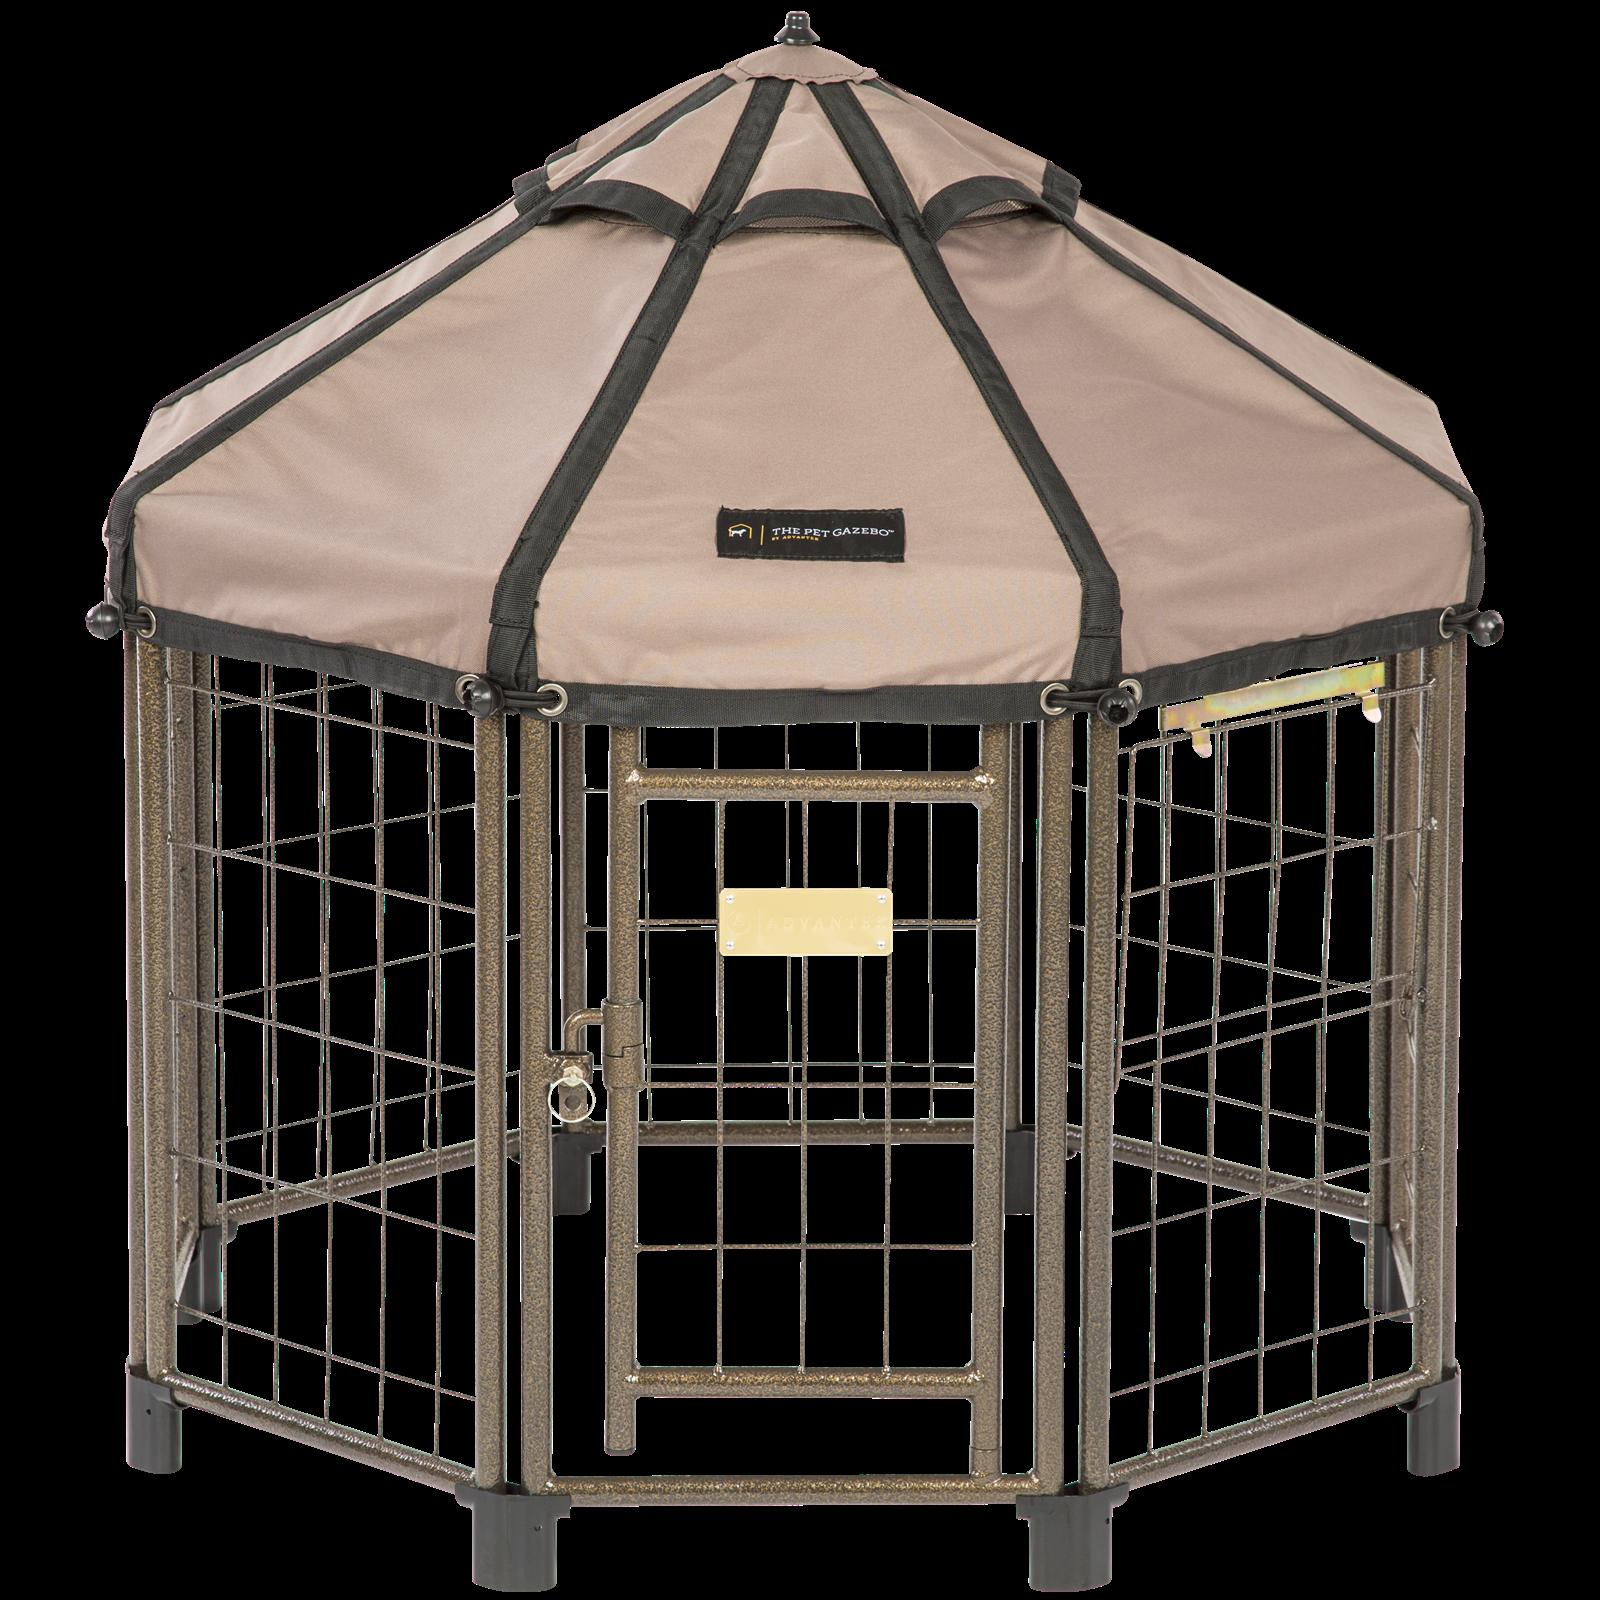 The Pet Gazebo 0.9m Portable Pet Gazebo With Canopy